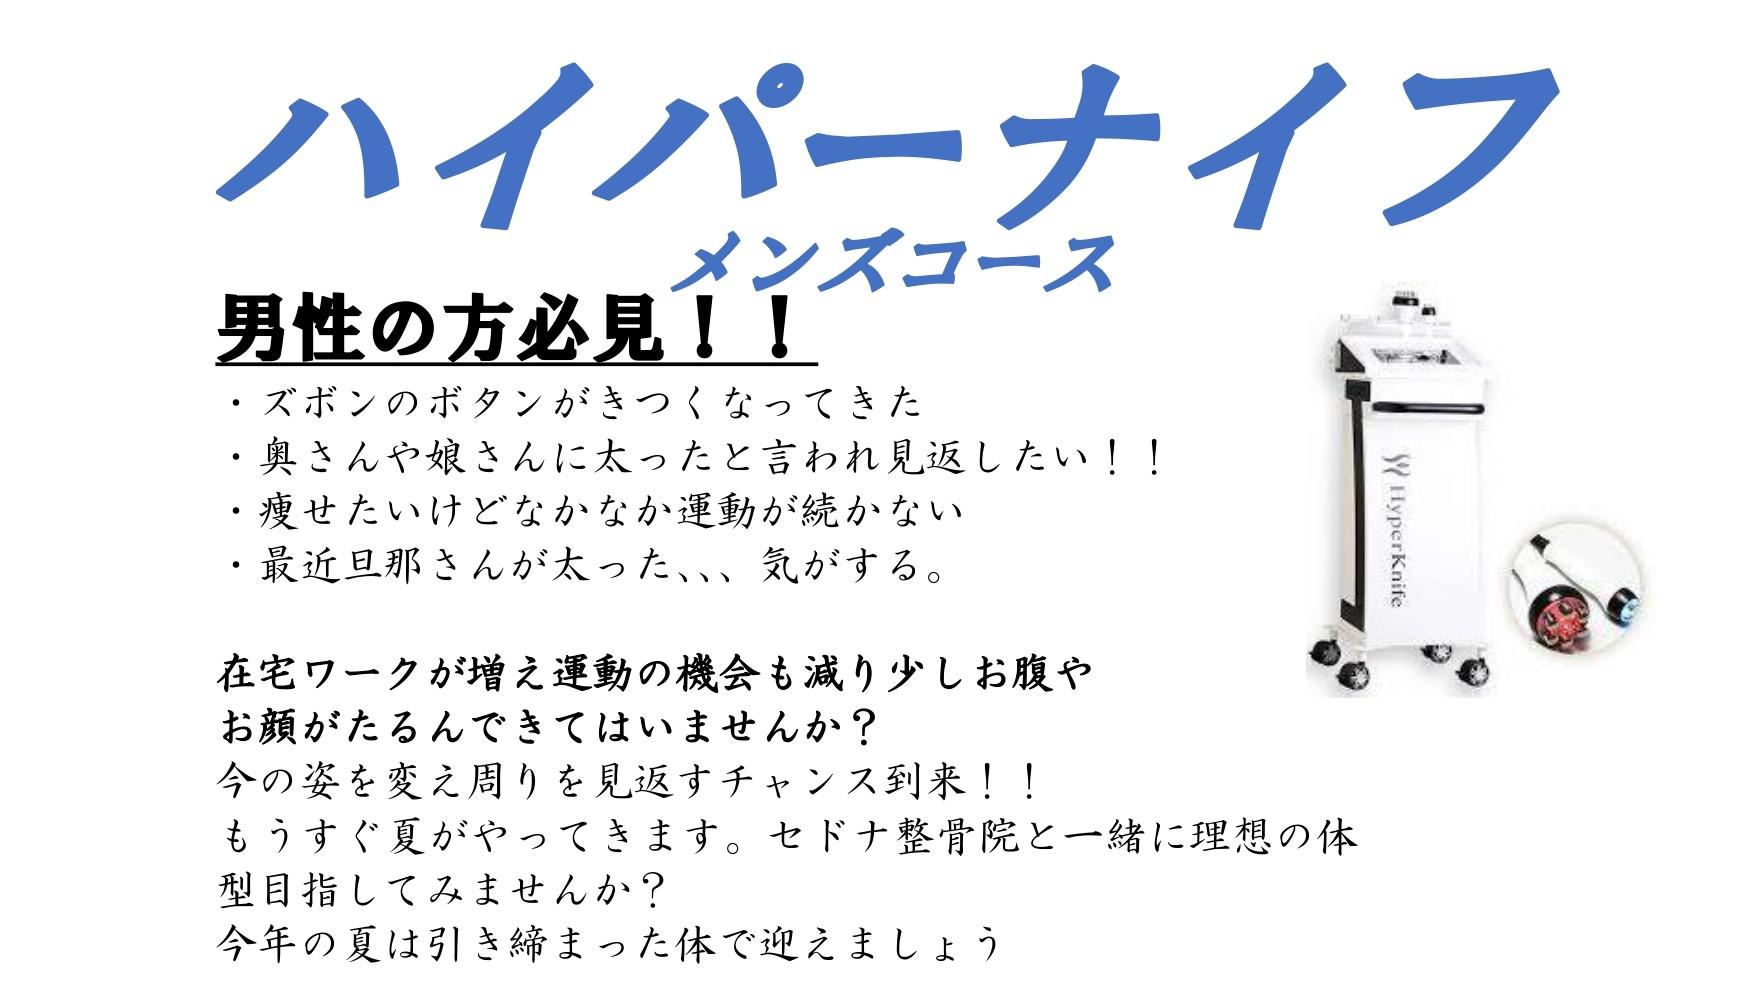 メンズハイパーナイフ POP_page-0001.jpg